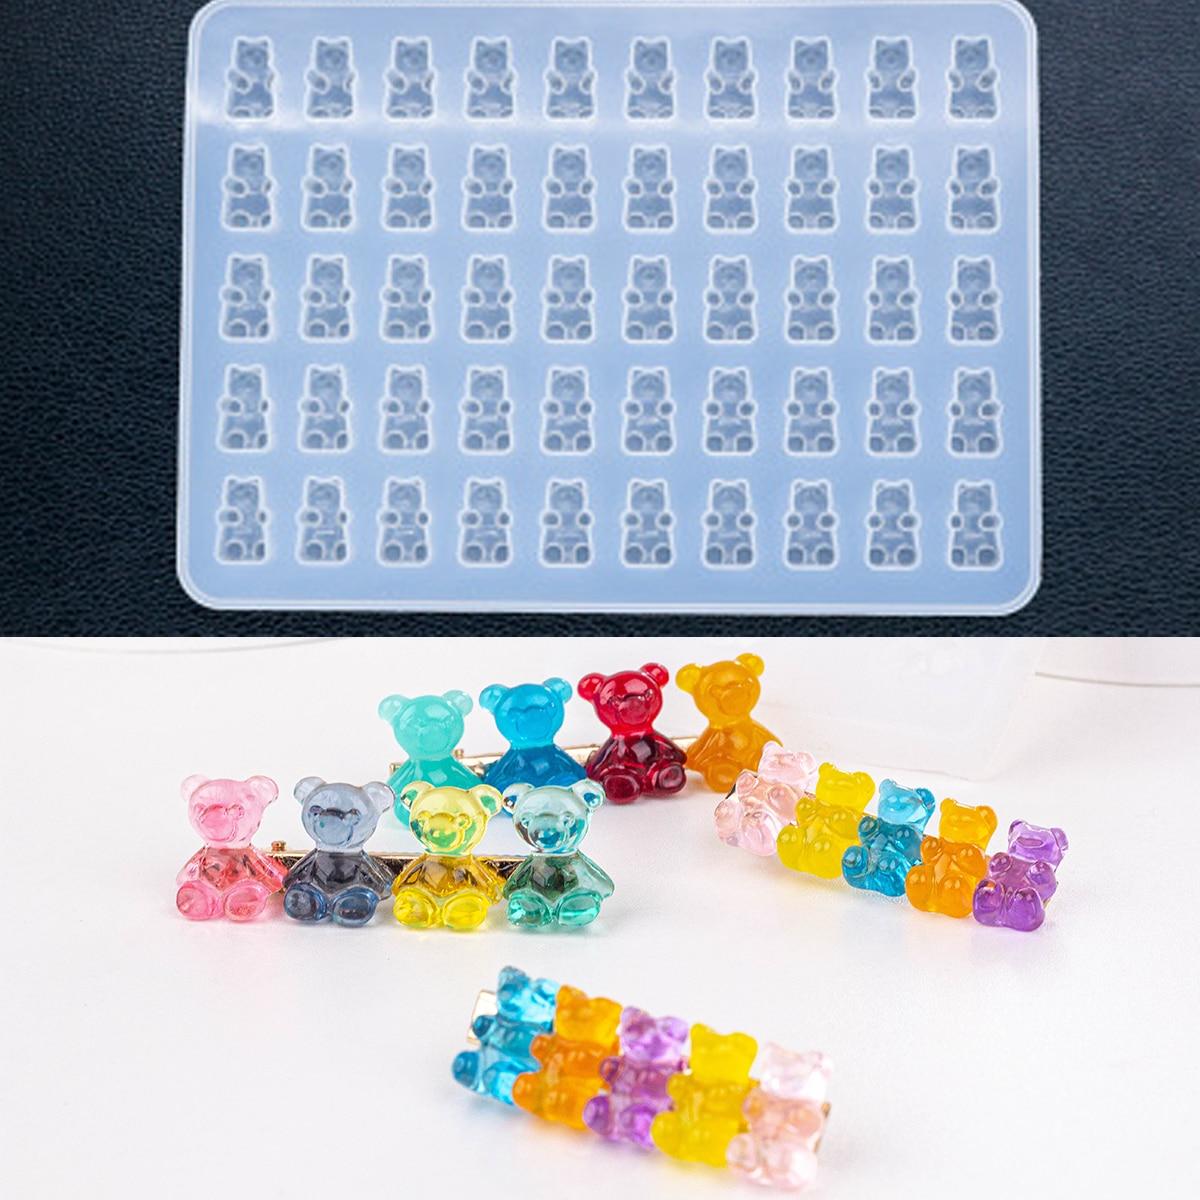 Милый-медведь-сахар-силиконовые-формы-для-плетения-браслетов-с-украшением-в-виде-кристаллов-на-основе-эпоксидной-смолы-форма-для-ювелирны